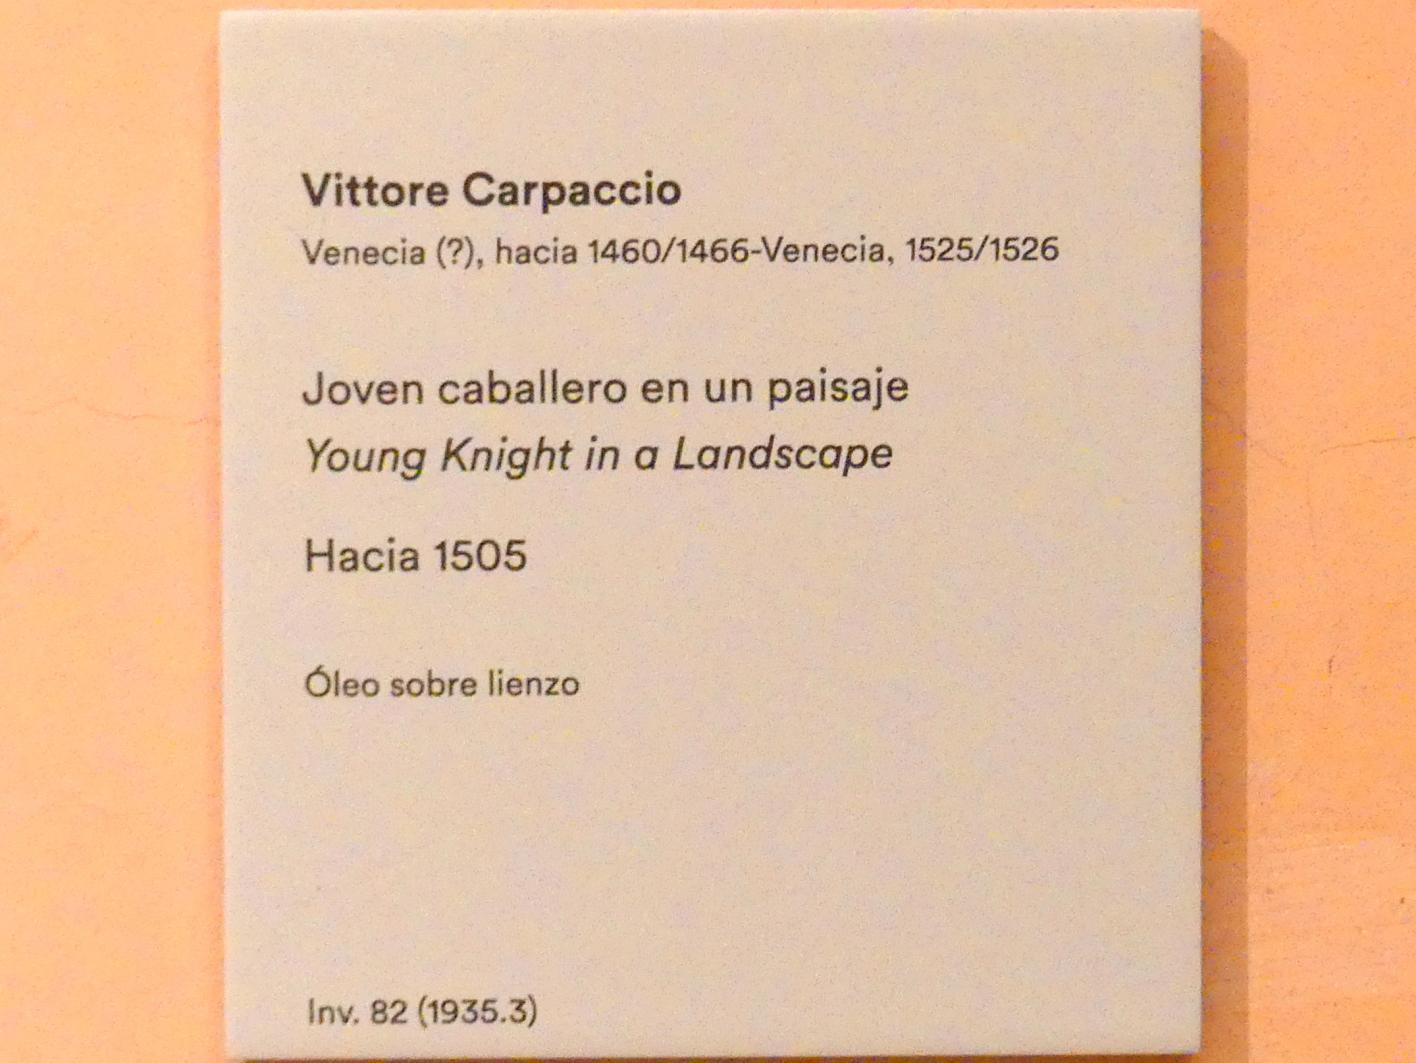 Vittore Carpaccio: Junger Ritter in einer Landschaft, um 1505, Bild 2/2